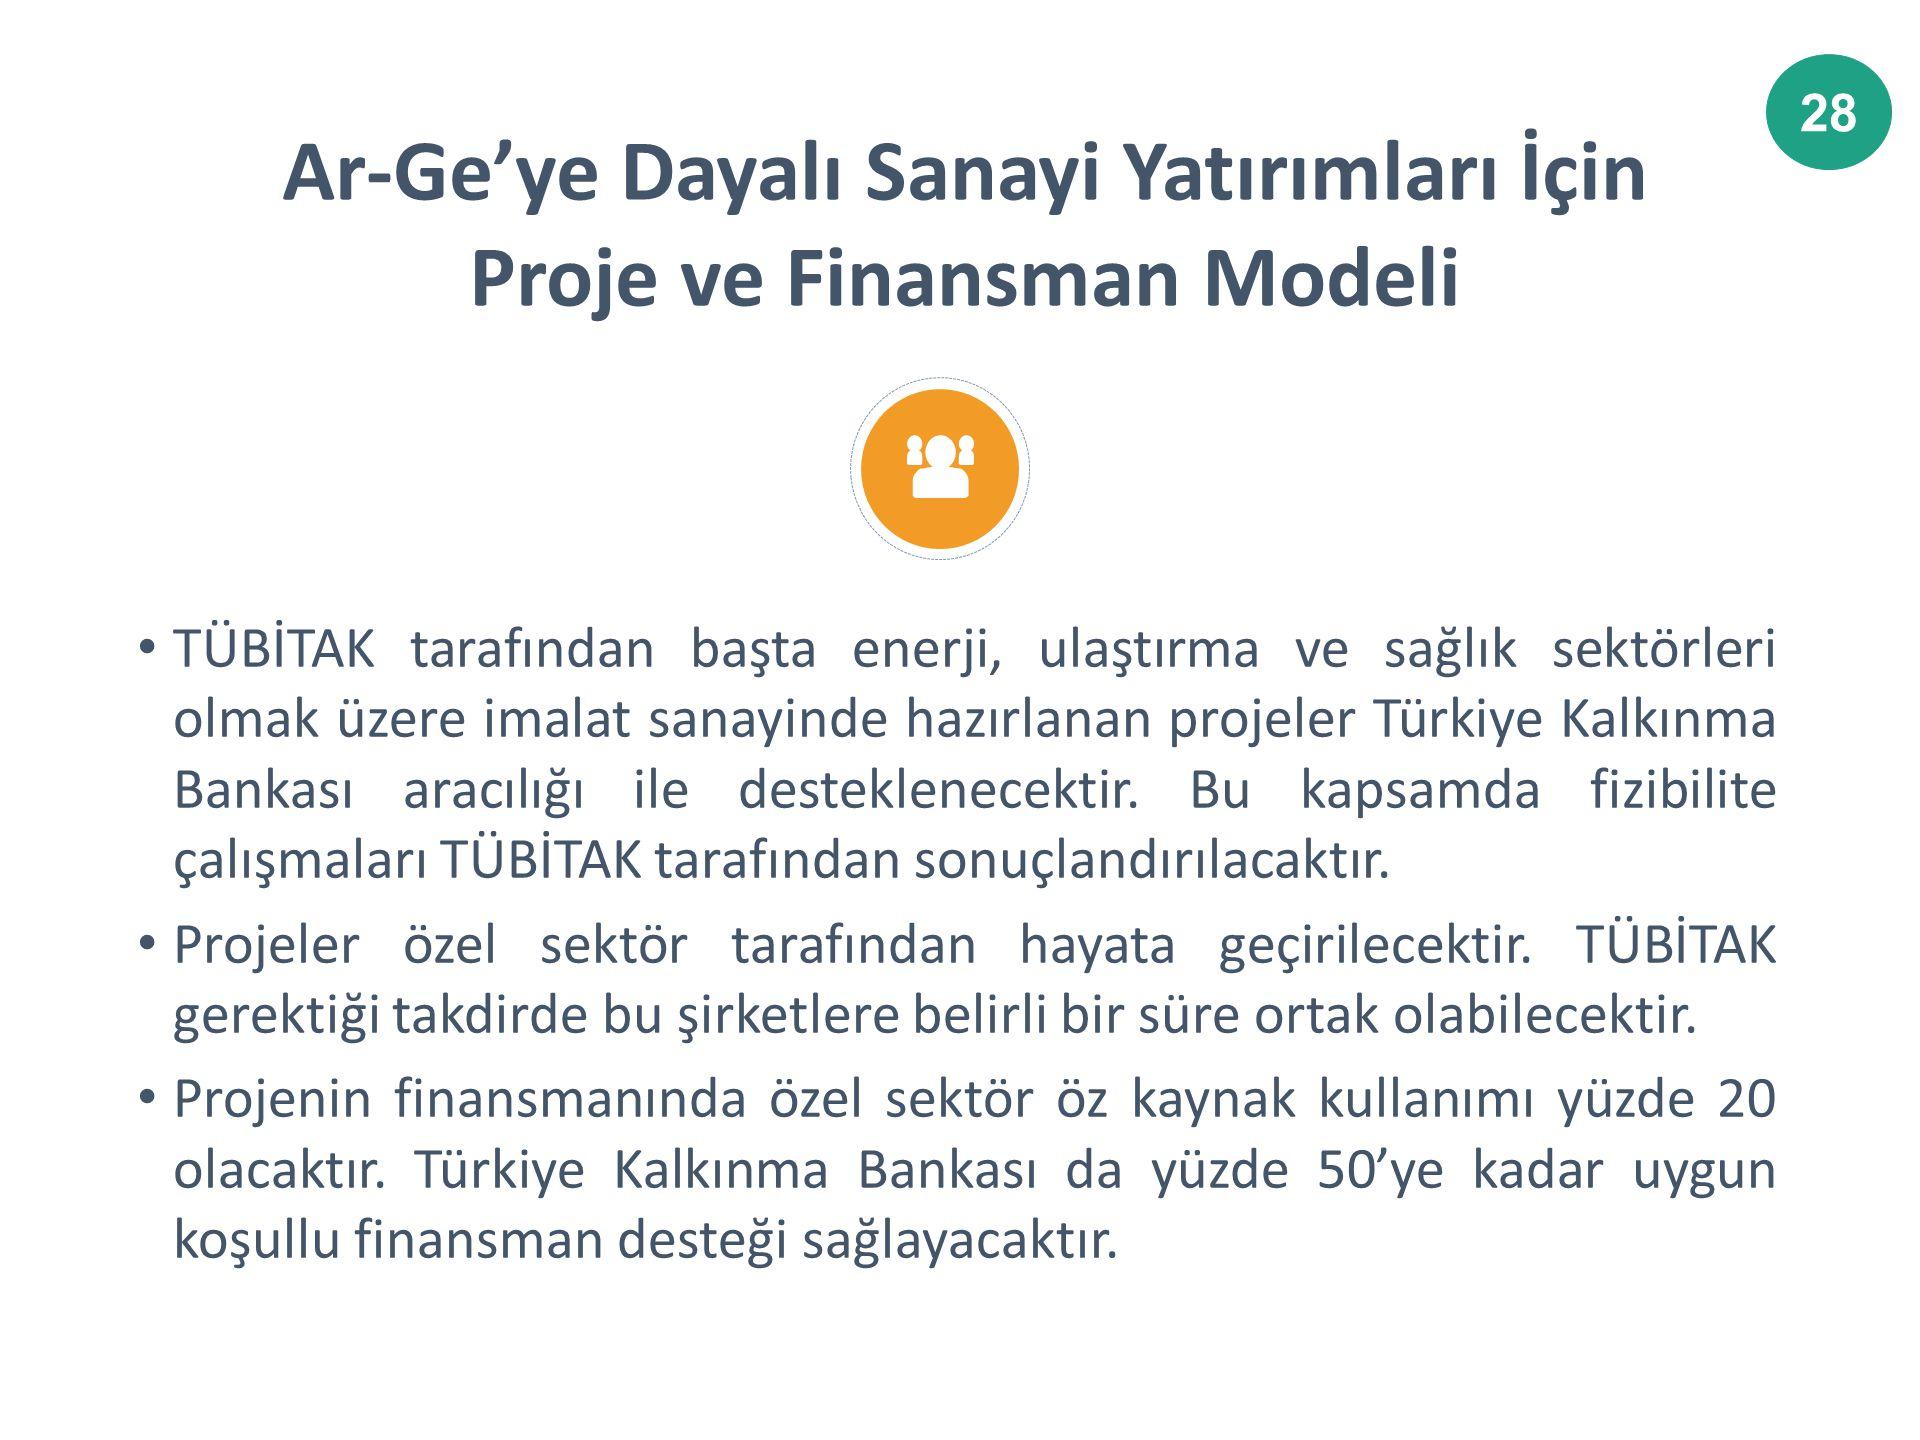 28 TÜBİTAK tarafından başta enerji, ulaştırma ve sağlık sektörleri olmak üzere imalat sanayinde hazırlanan projeler Türkiye Kalkınma Bankası aracılığı ile desteklenecektir.